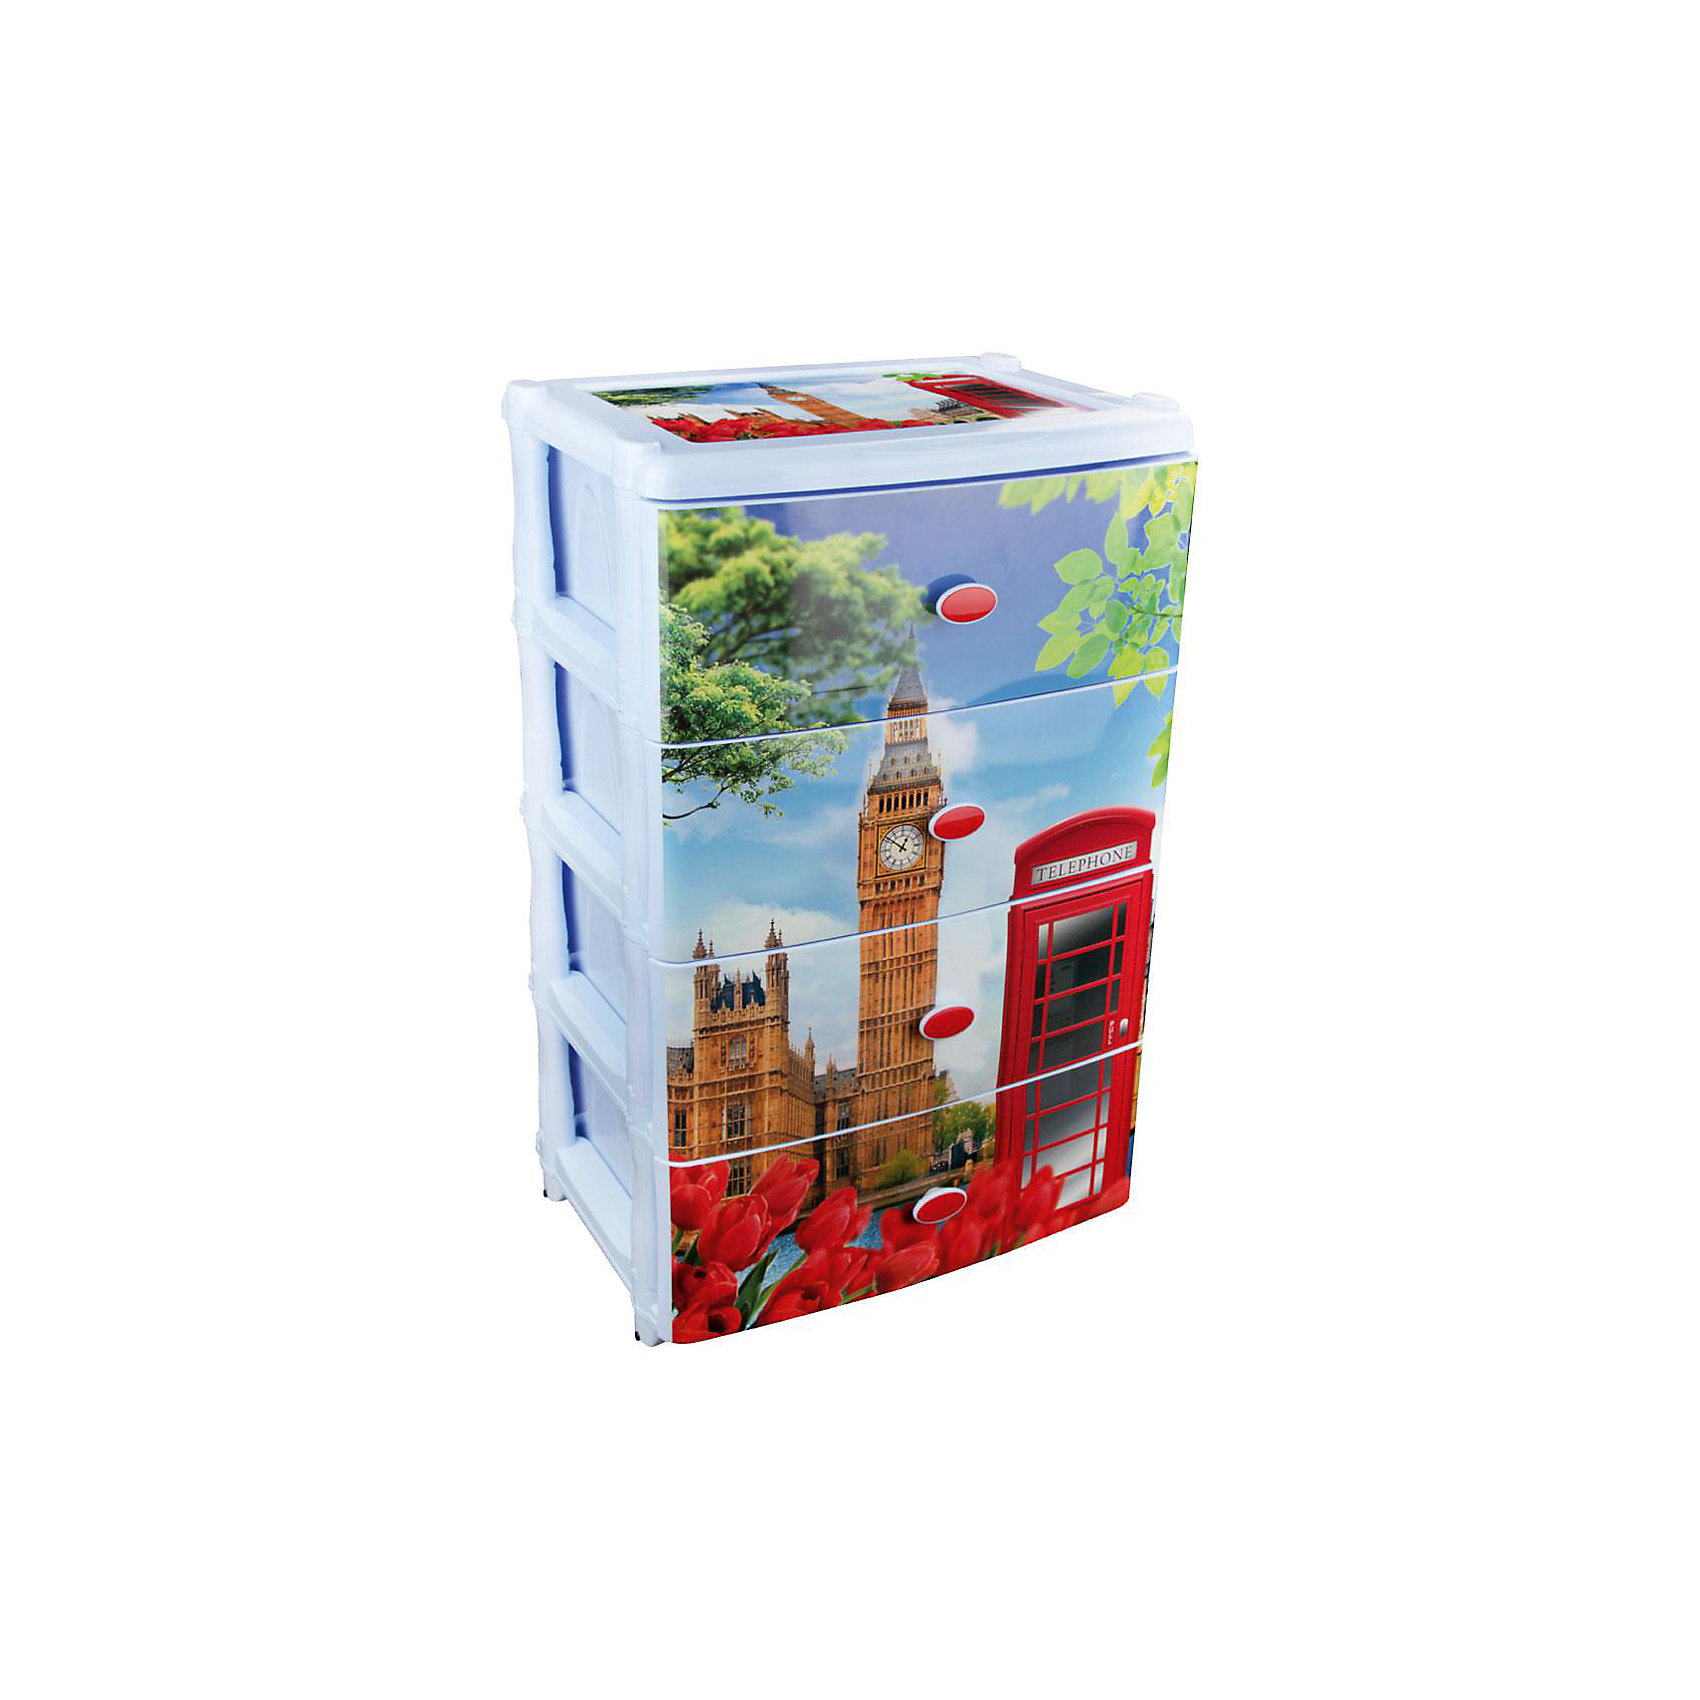 Комод широкий Лондон 4-х секцион. , AlternativaПорядок в детской<br>Характеристики:<br><br>• Предназначение: для кухни, ванной, спальни, прихожей<br>• Пол: универсальный<br>• Материал: пластик<br>• Цвет: голубой, красный, коричневый, зеленый<br>• Размер (Д*Ш*В):  42,5*56*90,5 см<br>• Вес: 6 кг 200 г<br>• Количество секций: 4 шт.<br>• Тип ящиков: выдвижные, с ручками<br>• В комплекте имеется инструкция по сборке<br>• Форма: прямоугольный<br>• Особенности ухода: разрешается мыть теплой водой<br><br>Комод широкий Лондон 4-х секционный, Alternativa изготовлен отечественным производителем ООО ЗПИ Альтернатива, который специализируется на выпуске широкого спектра изделий и предметов мебели из пластика. Комод выполнен из экологически безопасного материала, устойчивого к механическим повреждениям. Имеет компактный размер и повышенную вместимость за счет глубоких ящиков. Каркас комода устойчивый, имеются низкие ножки.  На ящики нанесен устойчивый рисунок с голографией. Комод широкий Лондон 4-х секционный, Alternativa станет не только полезным для хранения различных принадлежностей, но и ярким предметом интерьера. <br><br>Комод широкий Лондон 4-х секционный, Alternativa можно купить в нашем интернет-магазине.<br><br>Ширина мм: 425<br>Глубина мм: 560<br>Высота мм: 905<br>Вес г: 6199<br>Возраст от месяцев: 6<br>Возраст до месяцев: 84<br>Пол: Женский<br>Возраст: Детский<br>SKU: 5096551